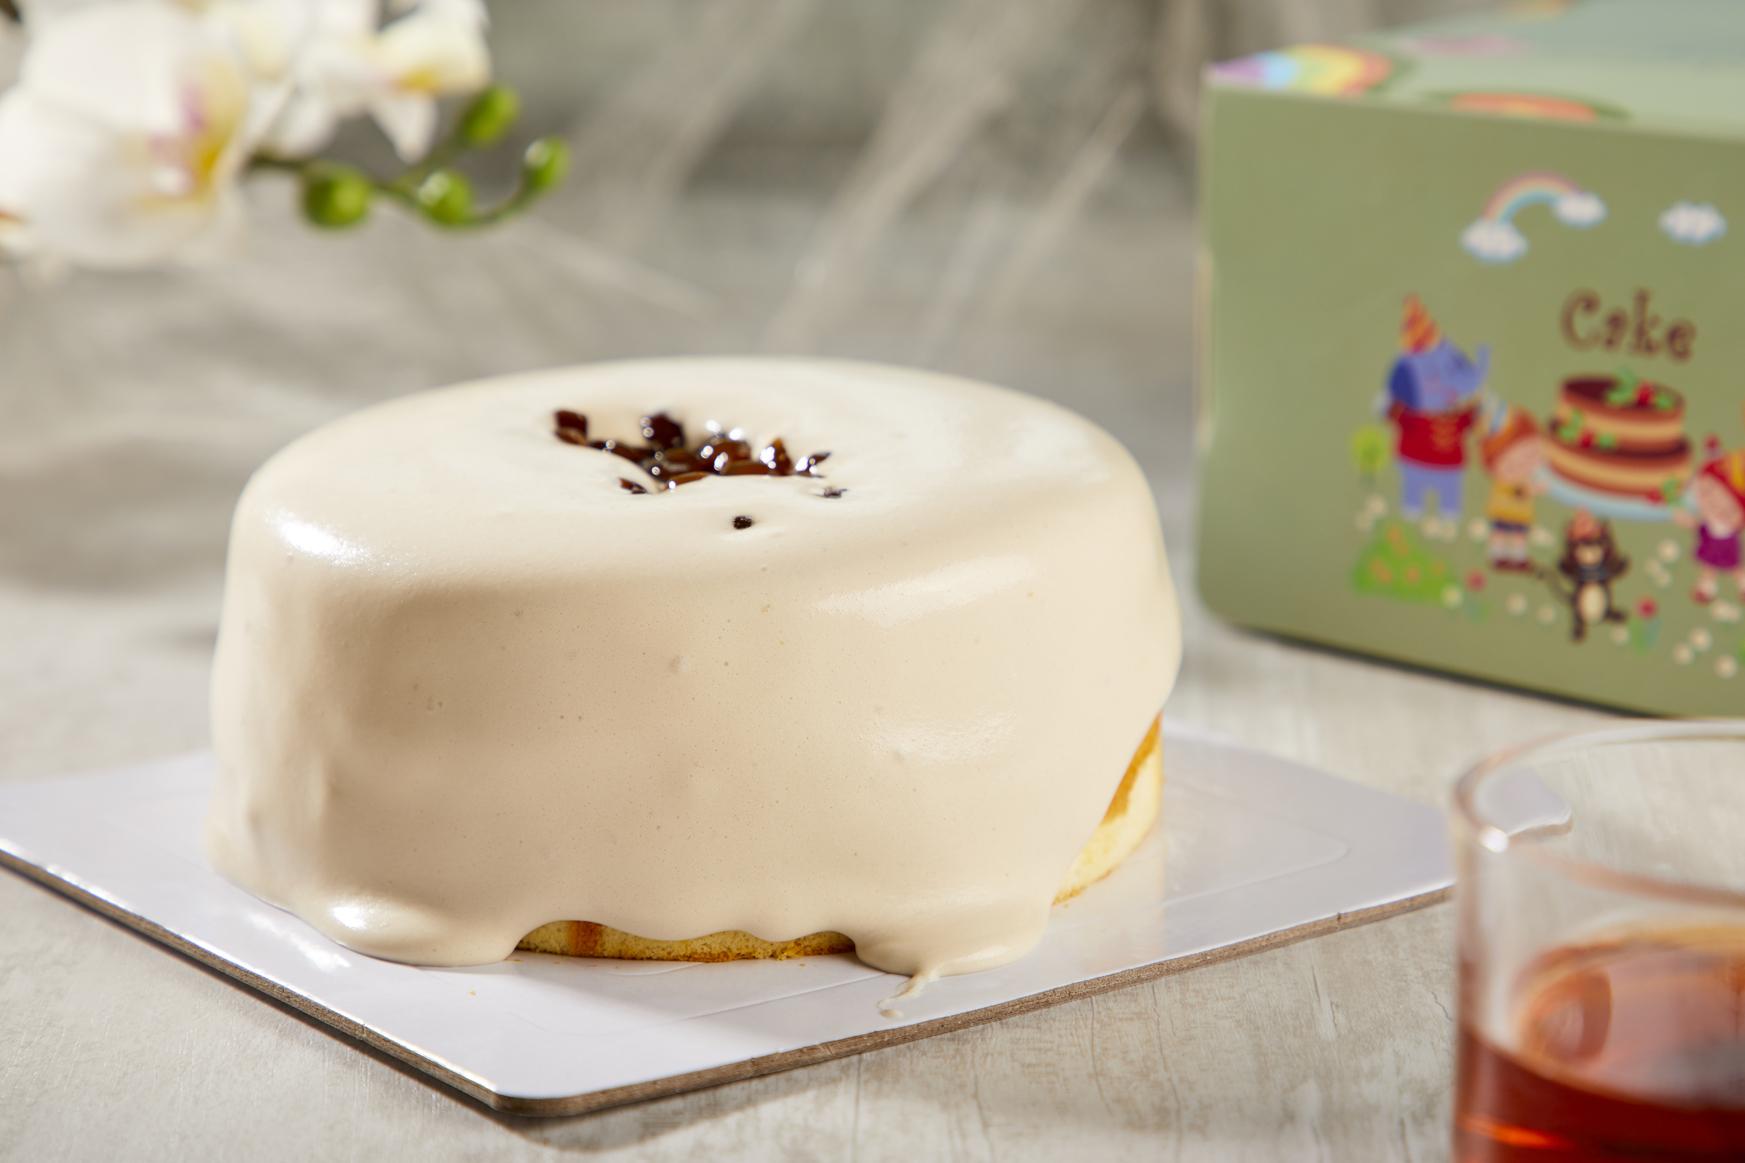 珍珠爆醬奶蓋蛋糕